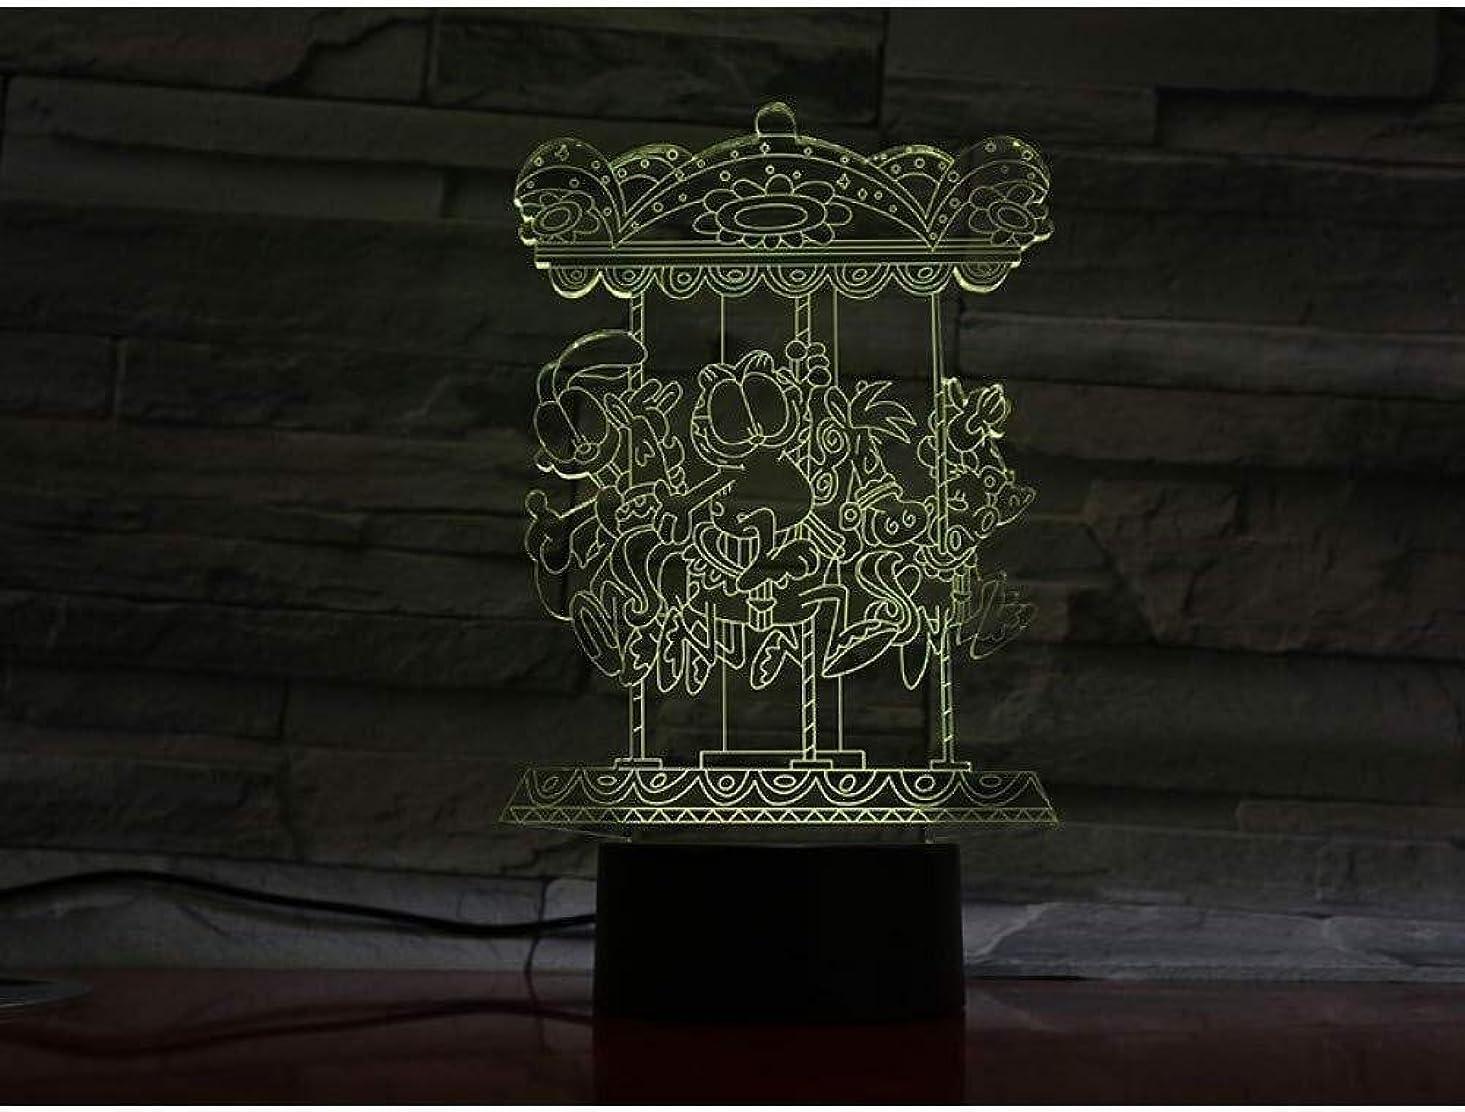 言語アスレチック塗抹3DイリュージョンアミューズメントパークLEDランプタッチセンサー7色のランプベッドルームベッドサイドアクリル装飾的なデスクランプキッズフェスティバル誕生日プレゼントのUSB充電